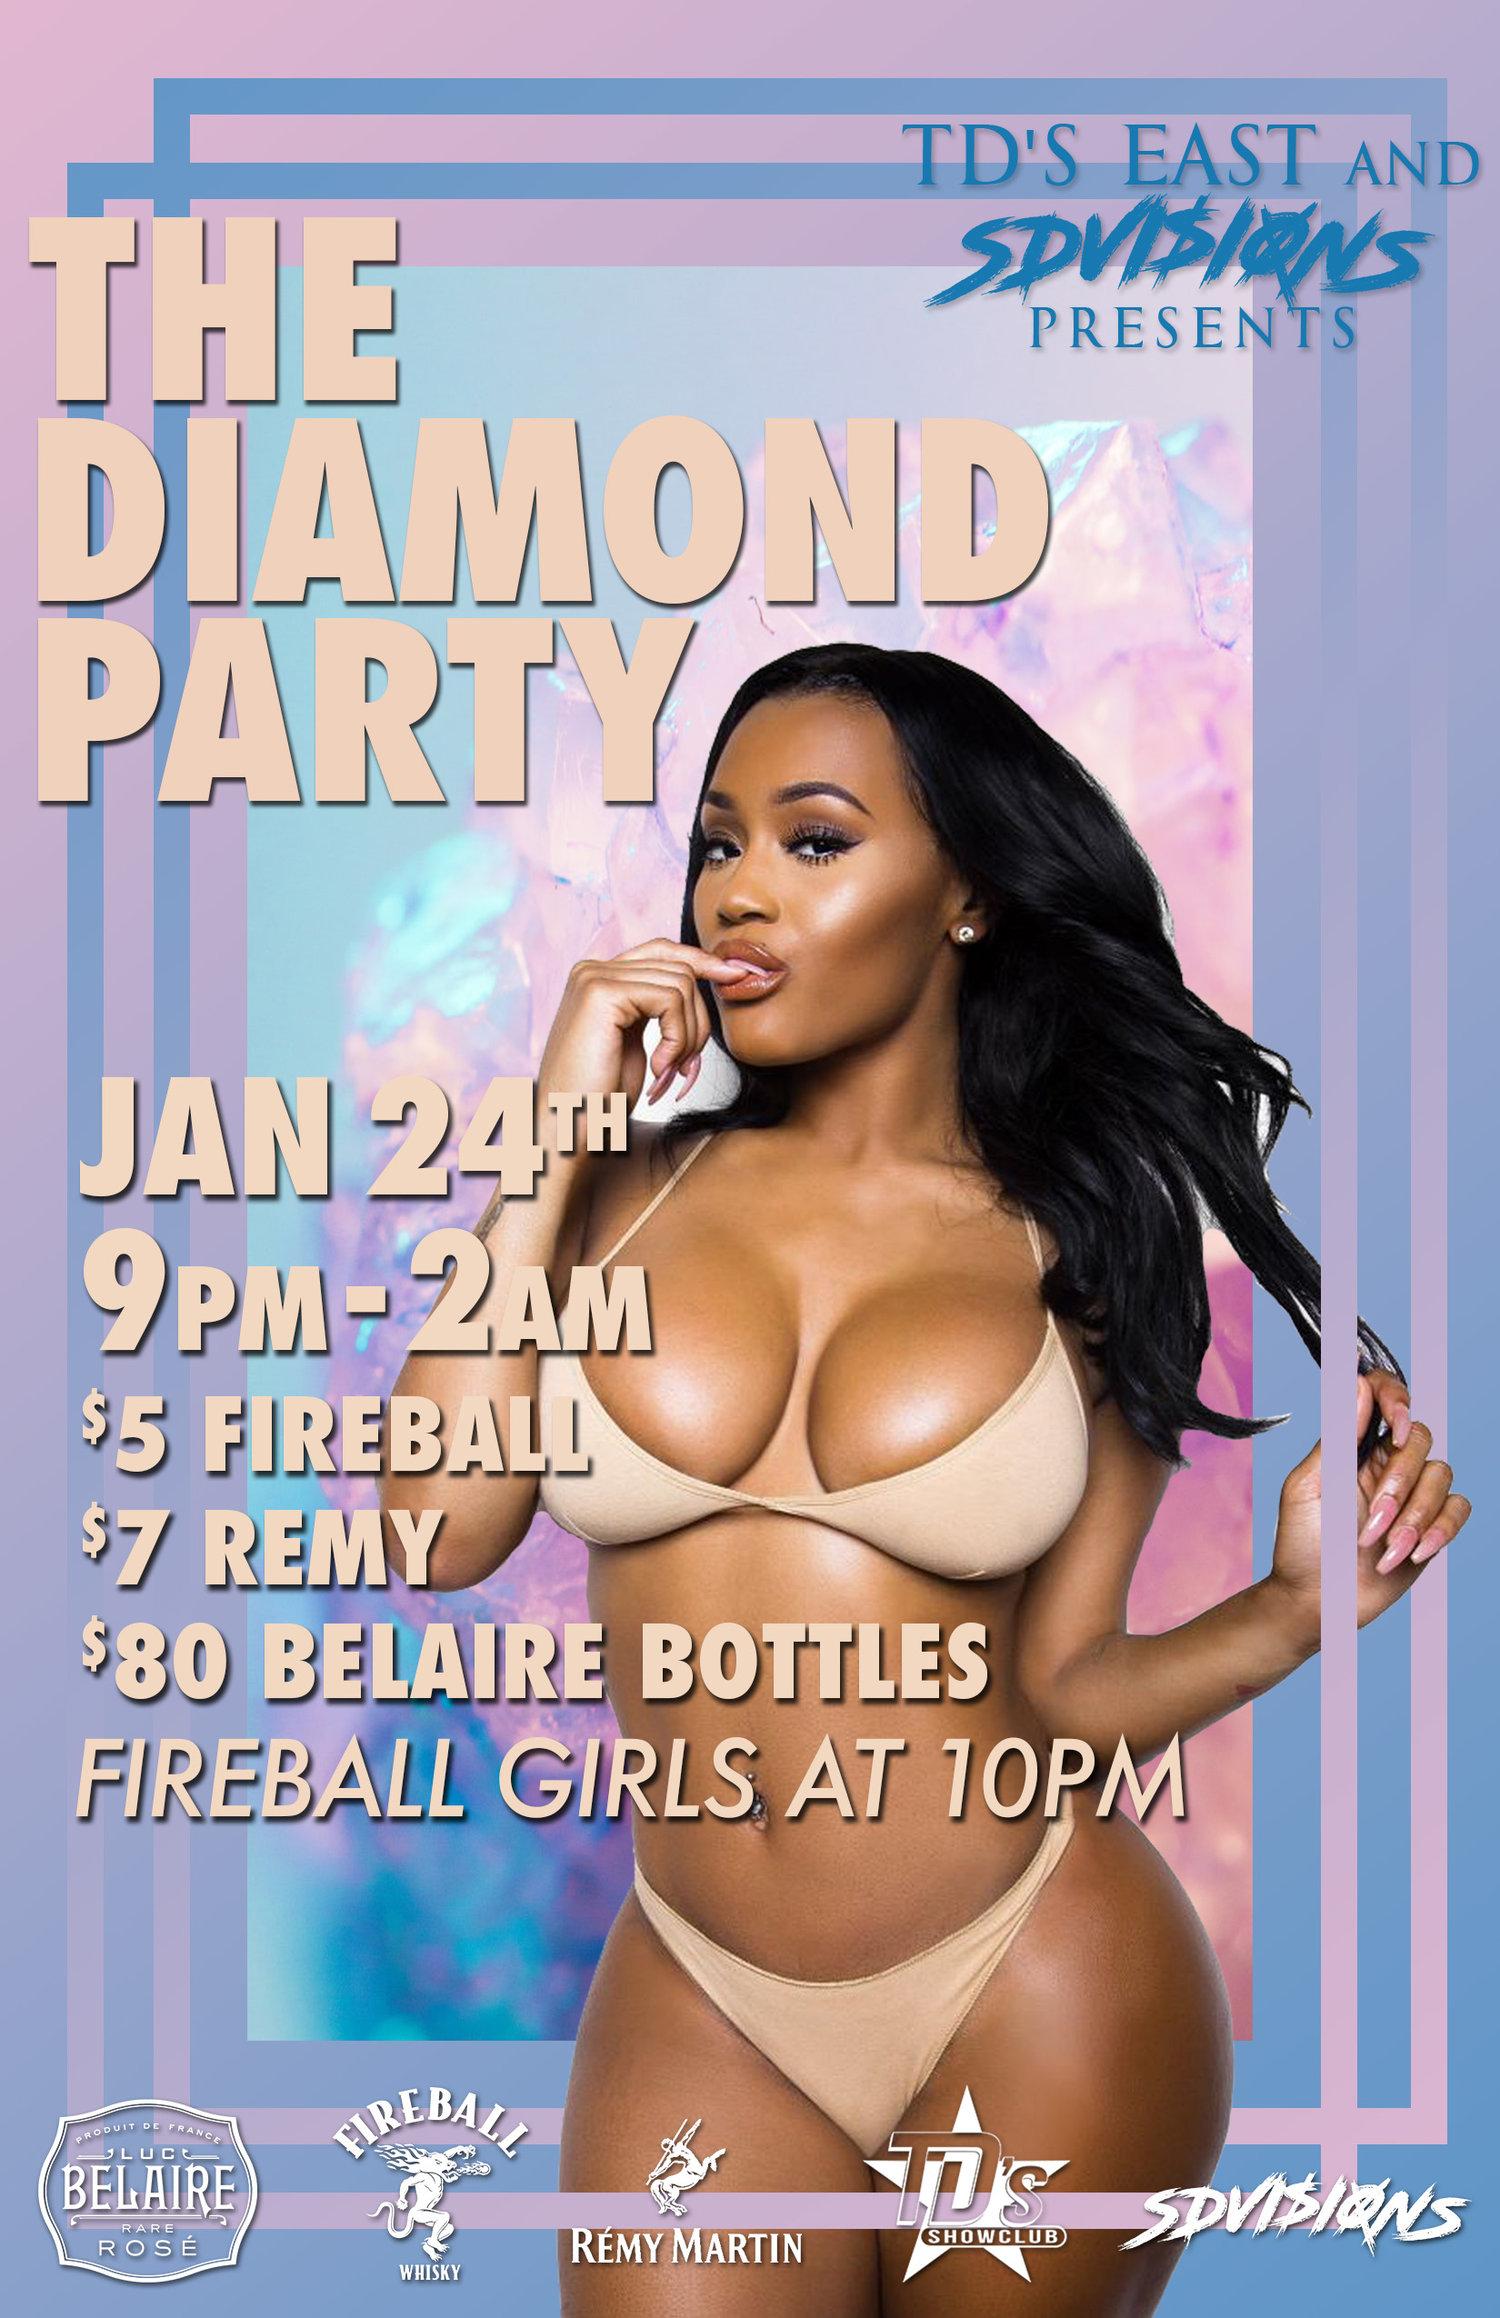 Diamond+Party+flyer.jpeg